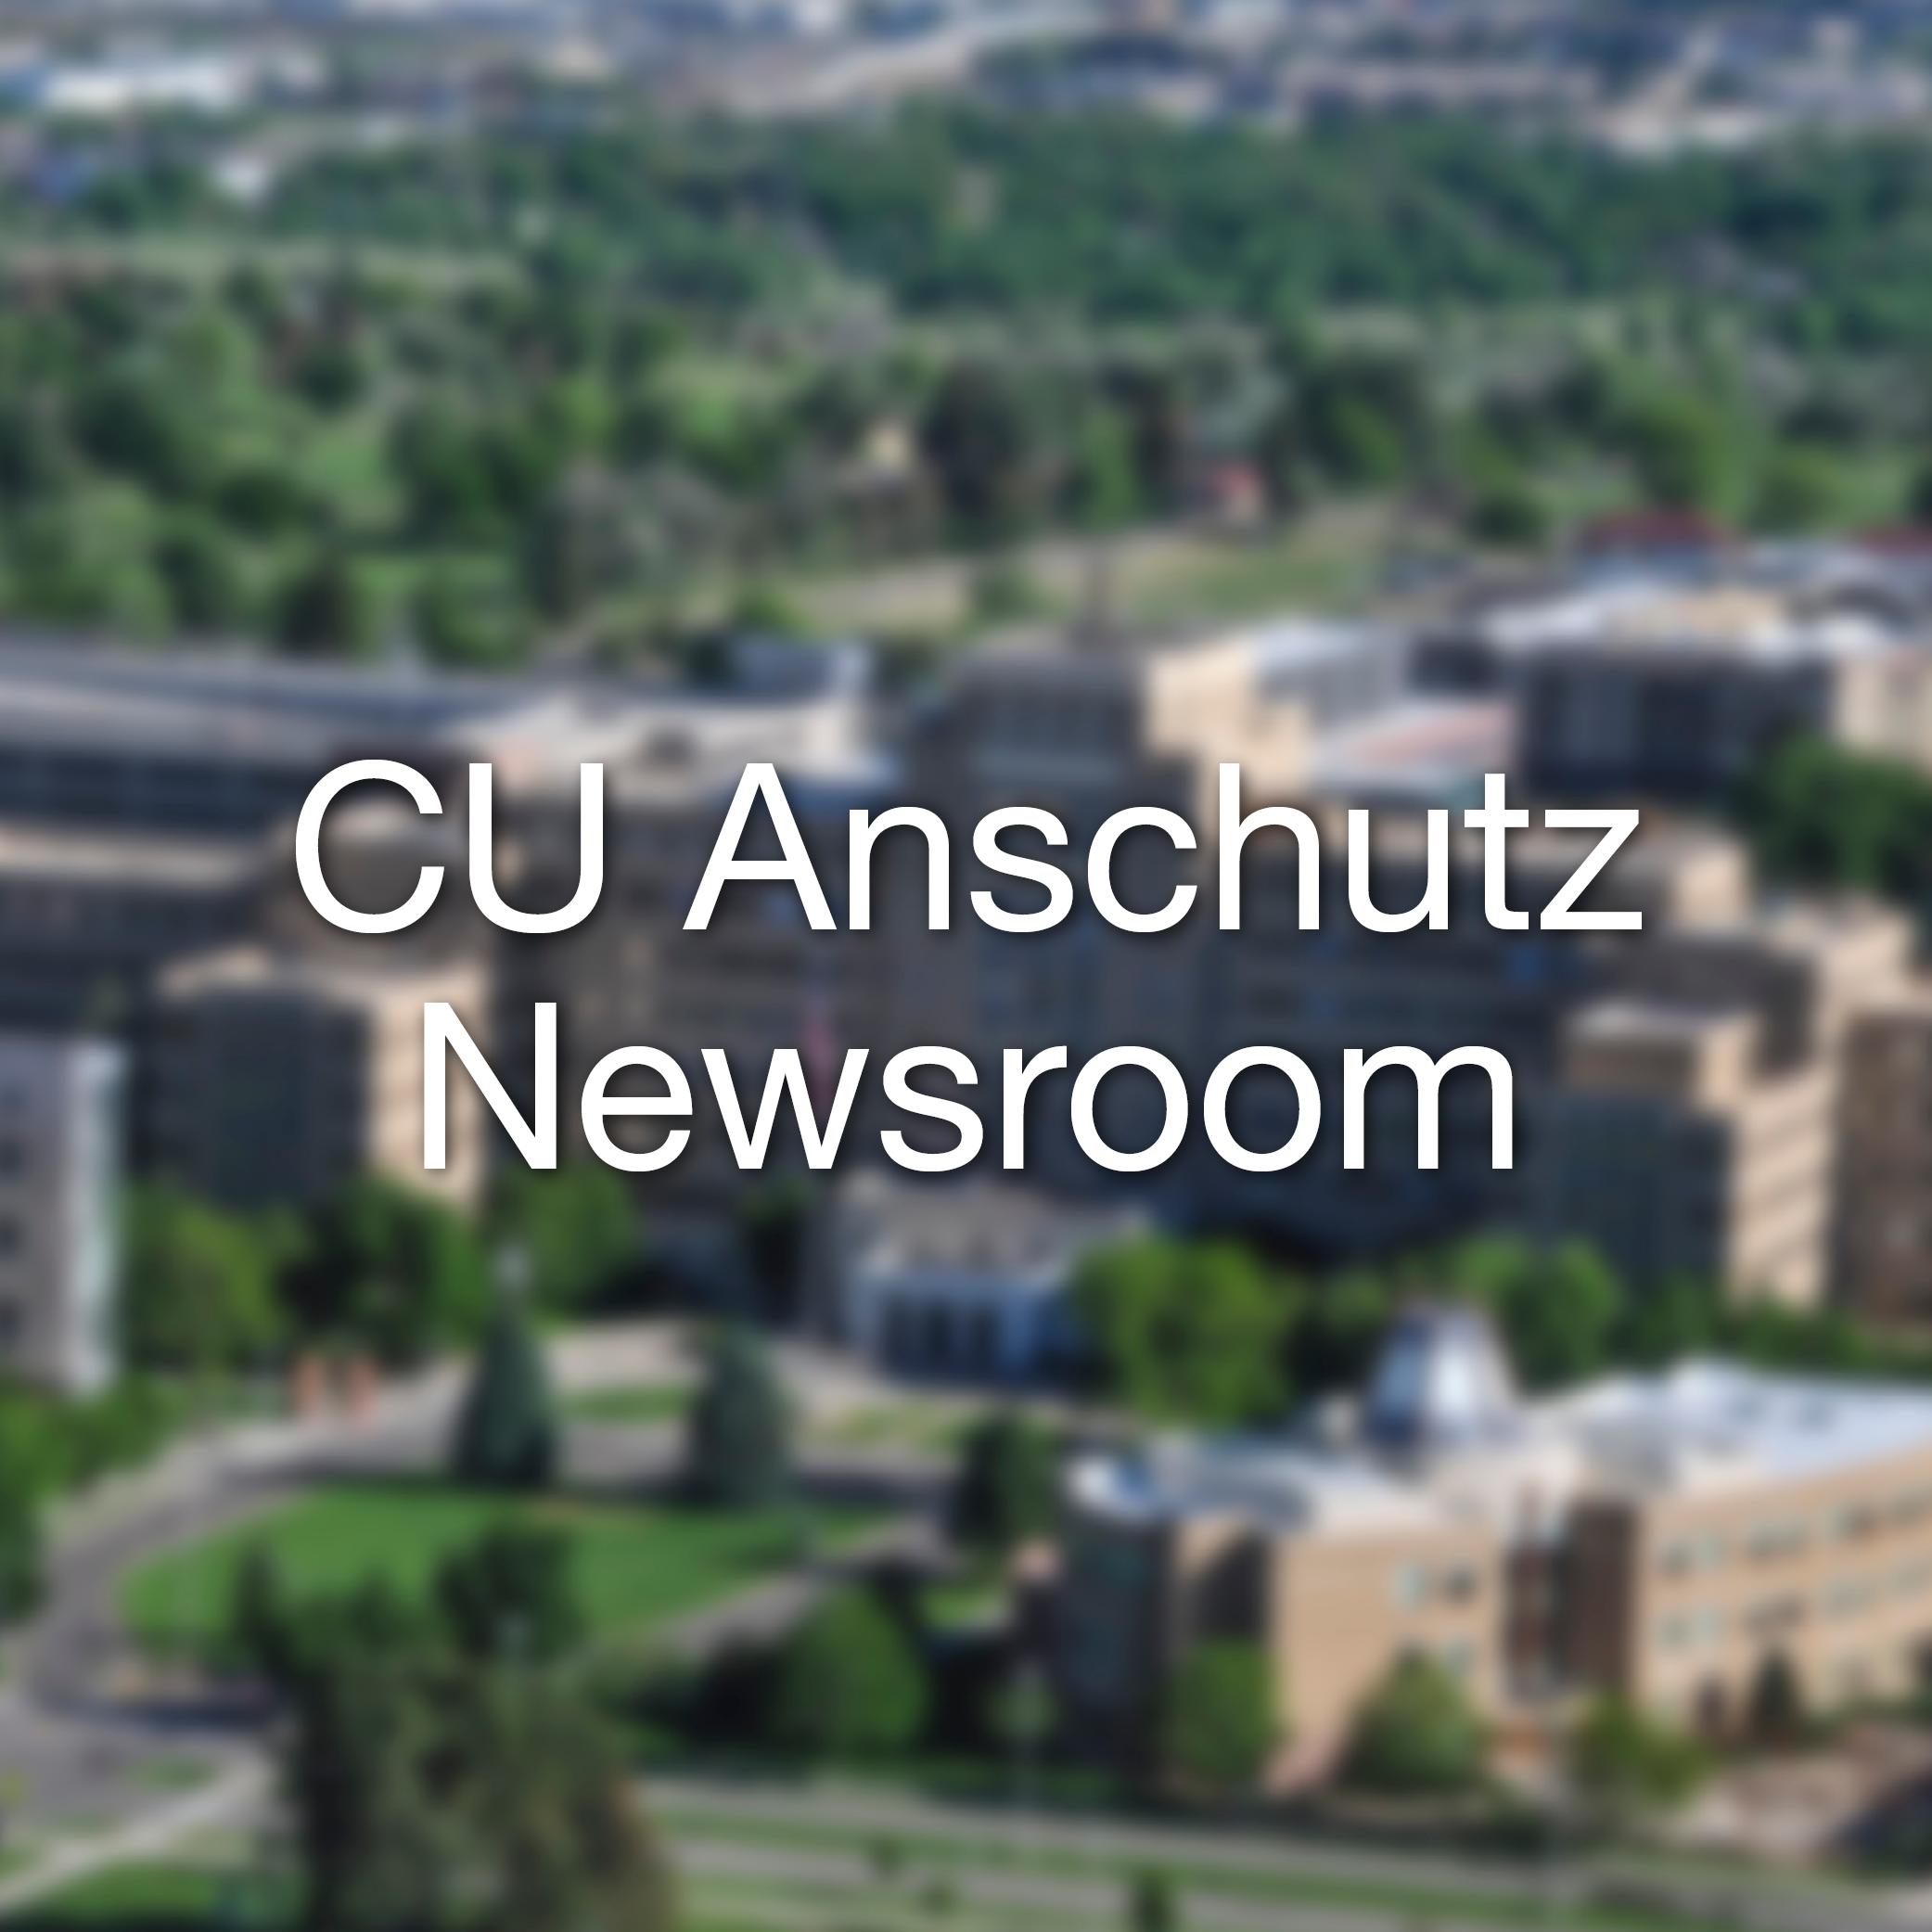 CU Anschutz News